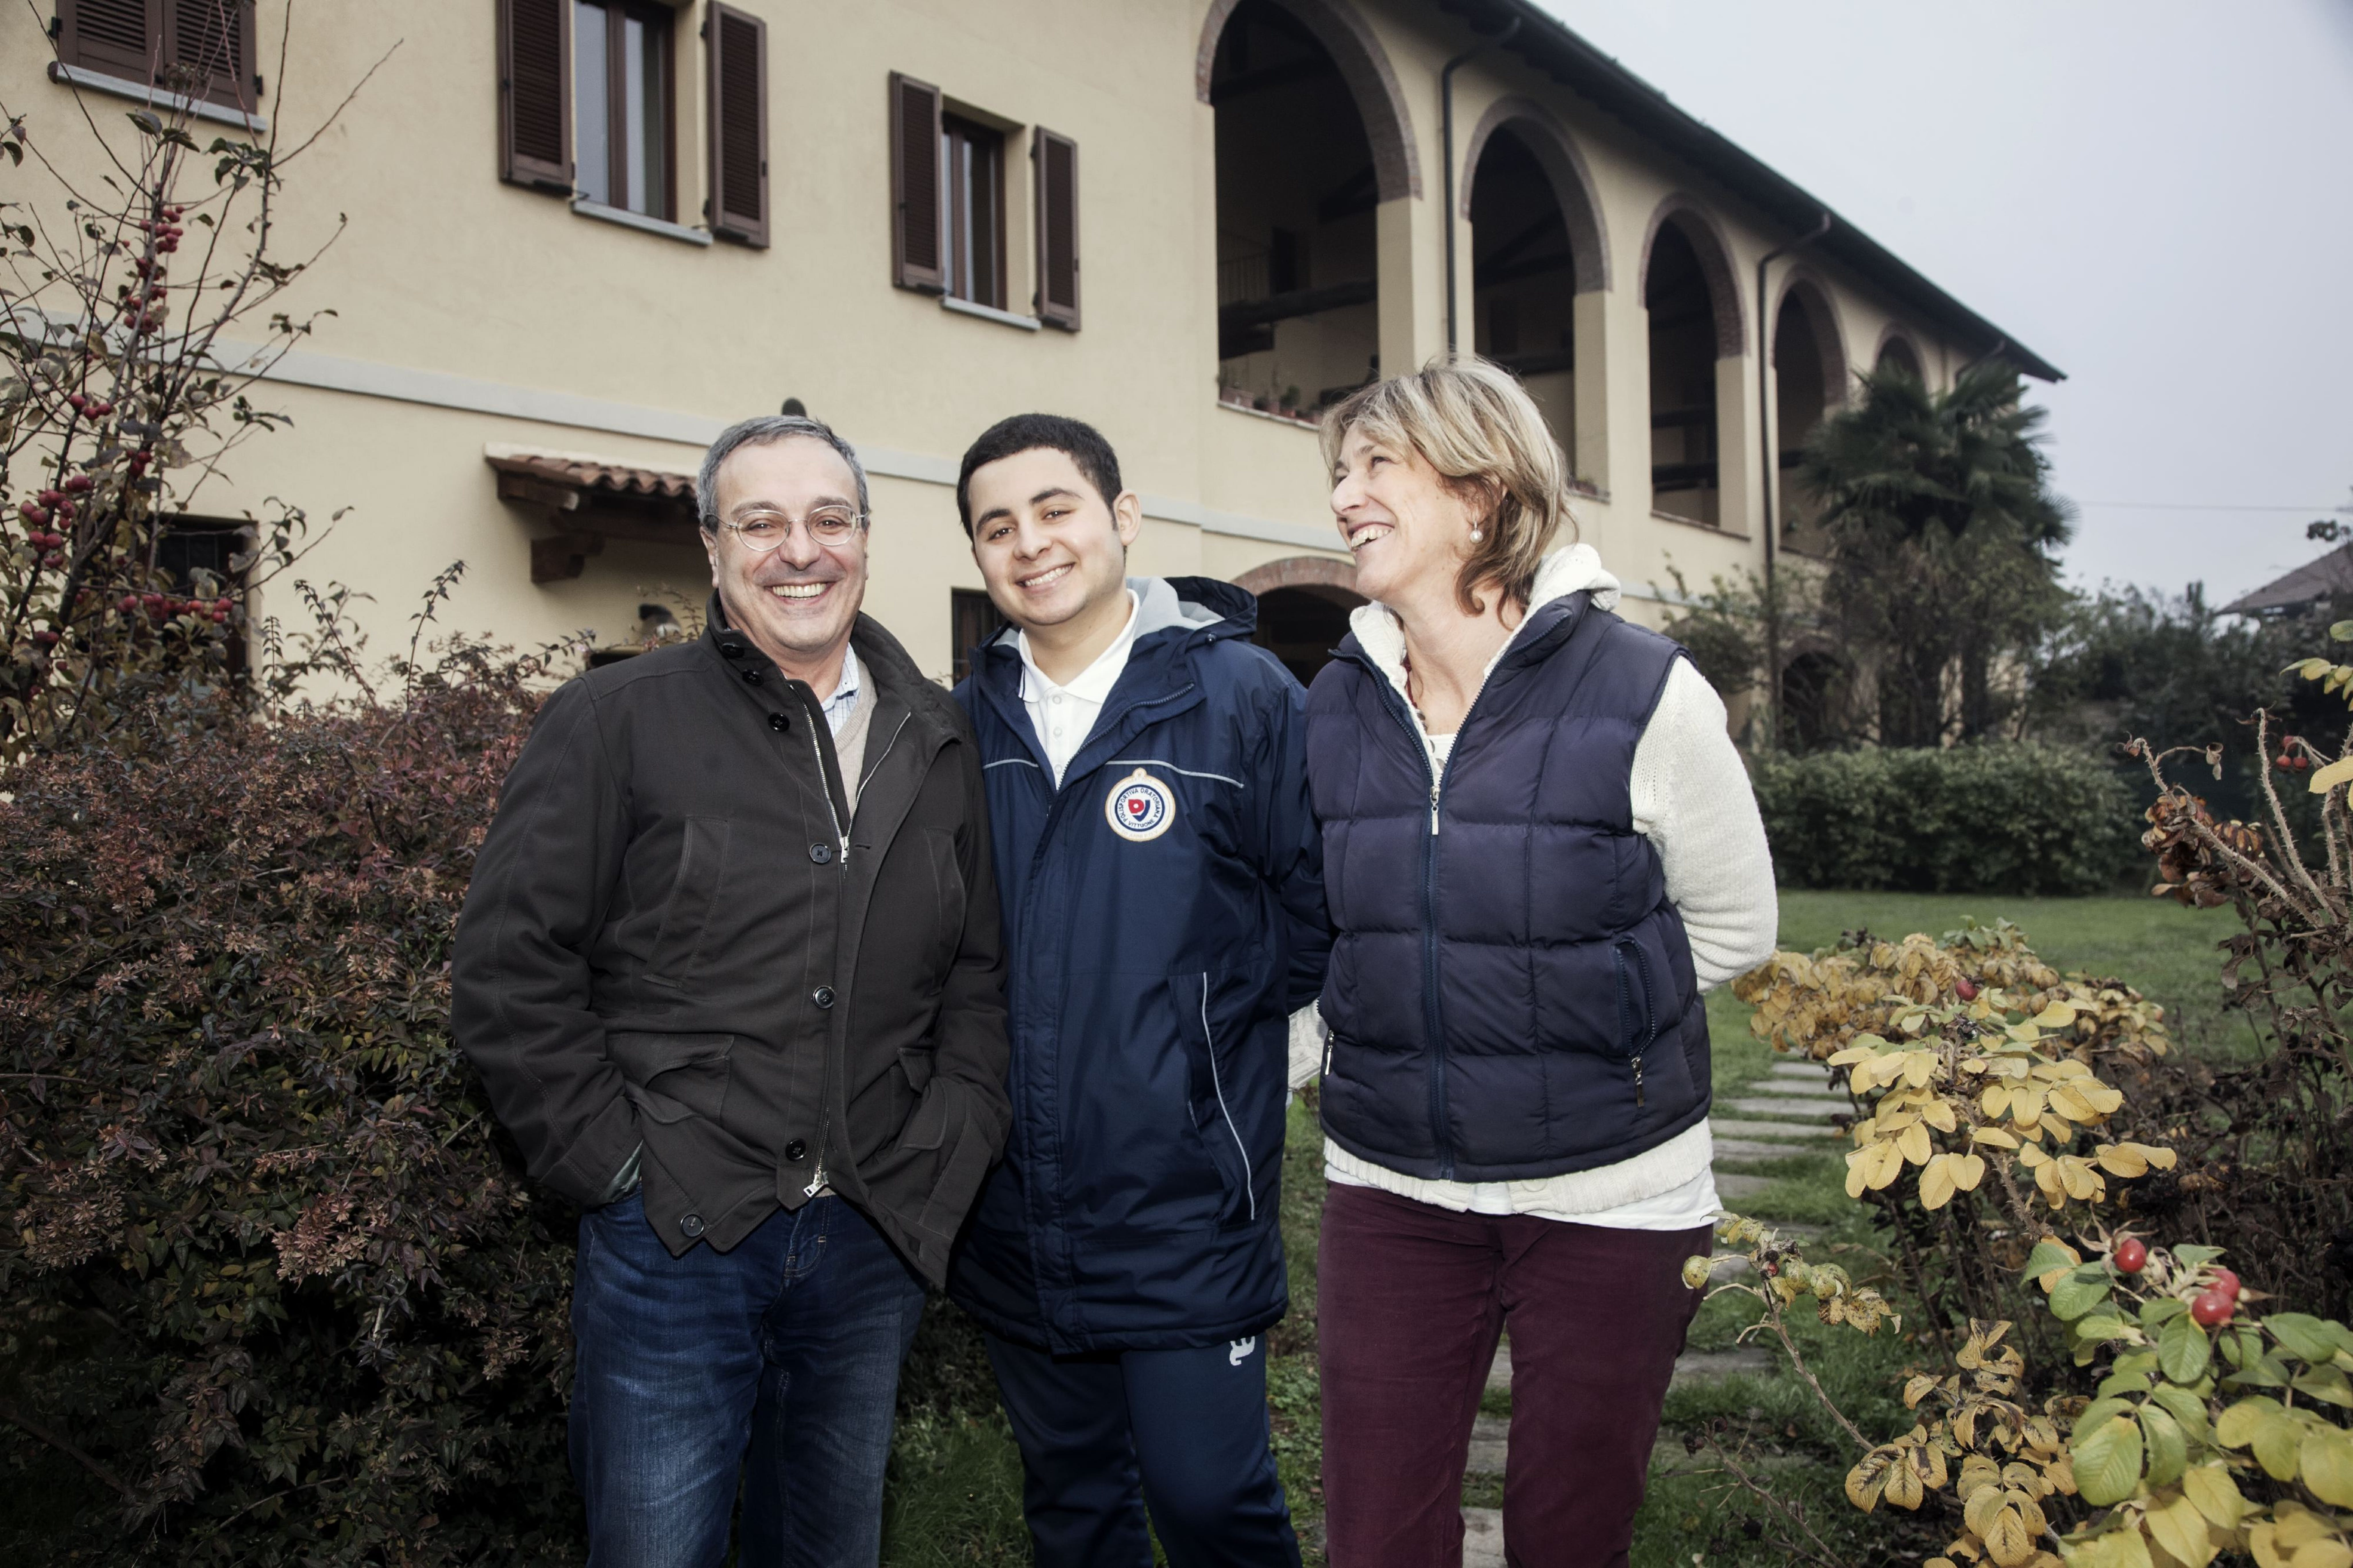 Momo, arrivato in Italia come minore non accompagnato, insieme alla sua famiglia affidataria